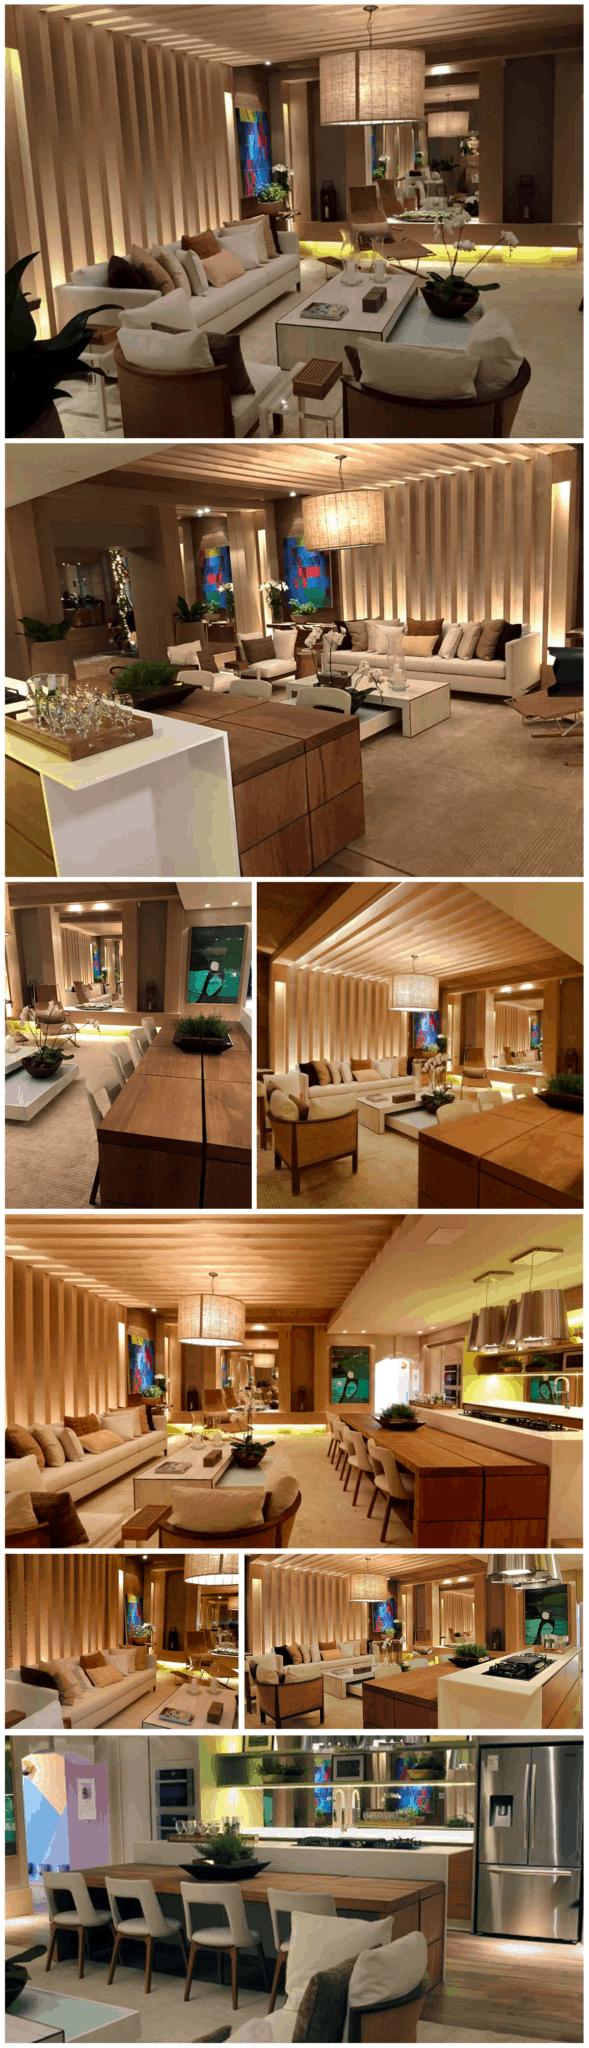 adriana-consulin-home-gourmet-casa-cor-decorar-com-charme